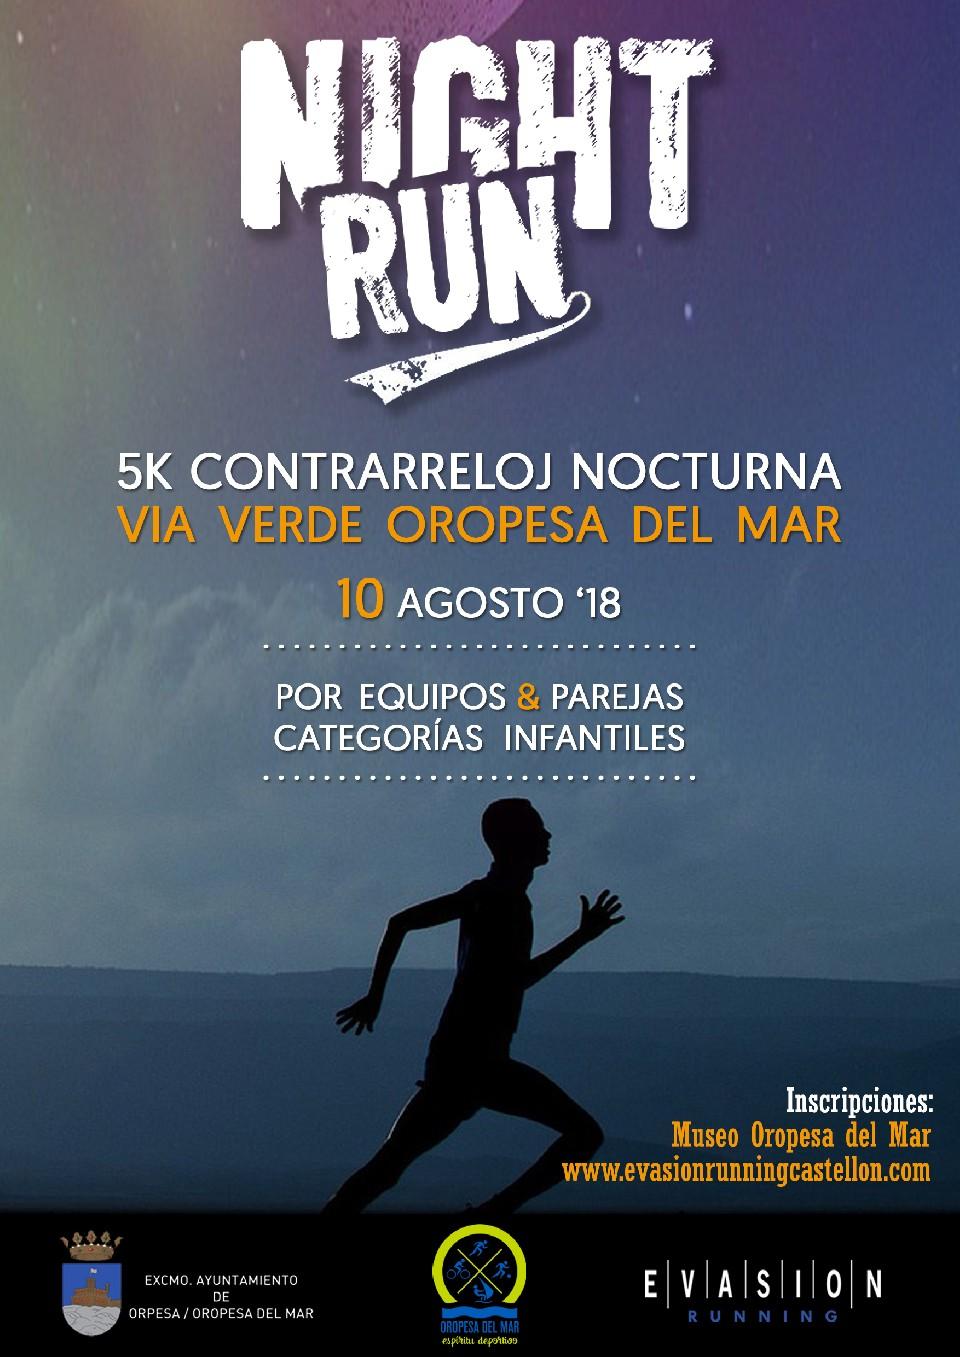 Circuito Night Run : Ativo venha correr o circuito night run santos facebook